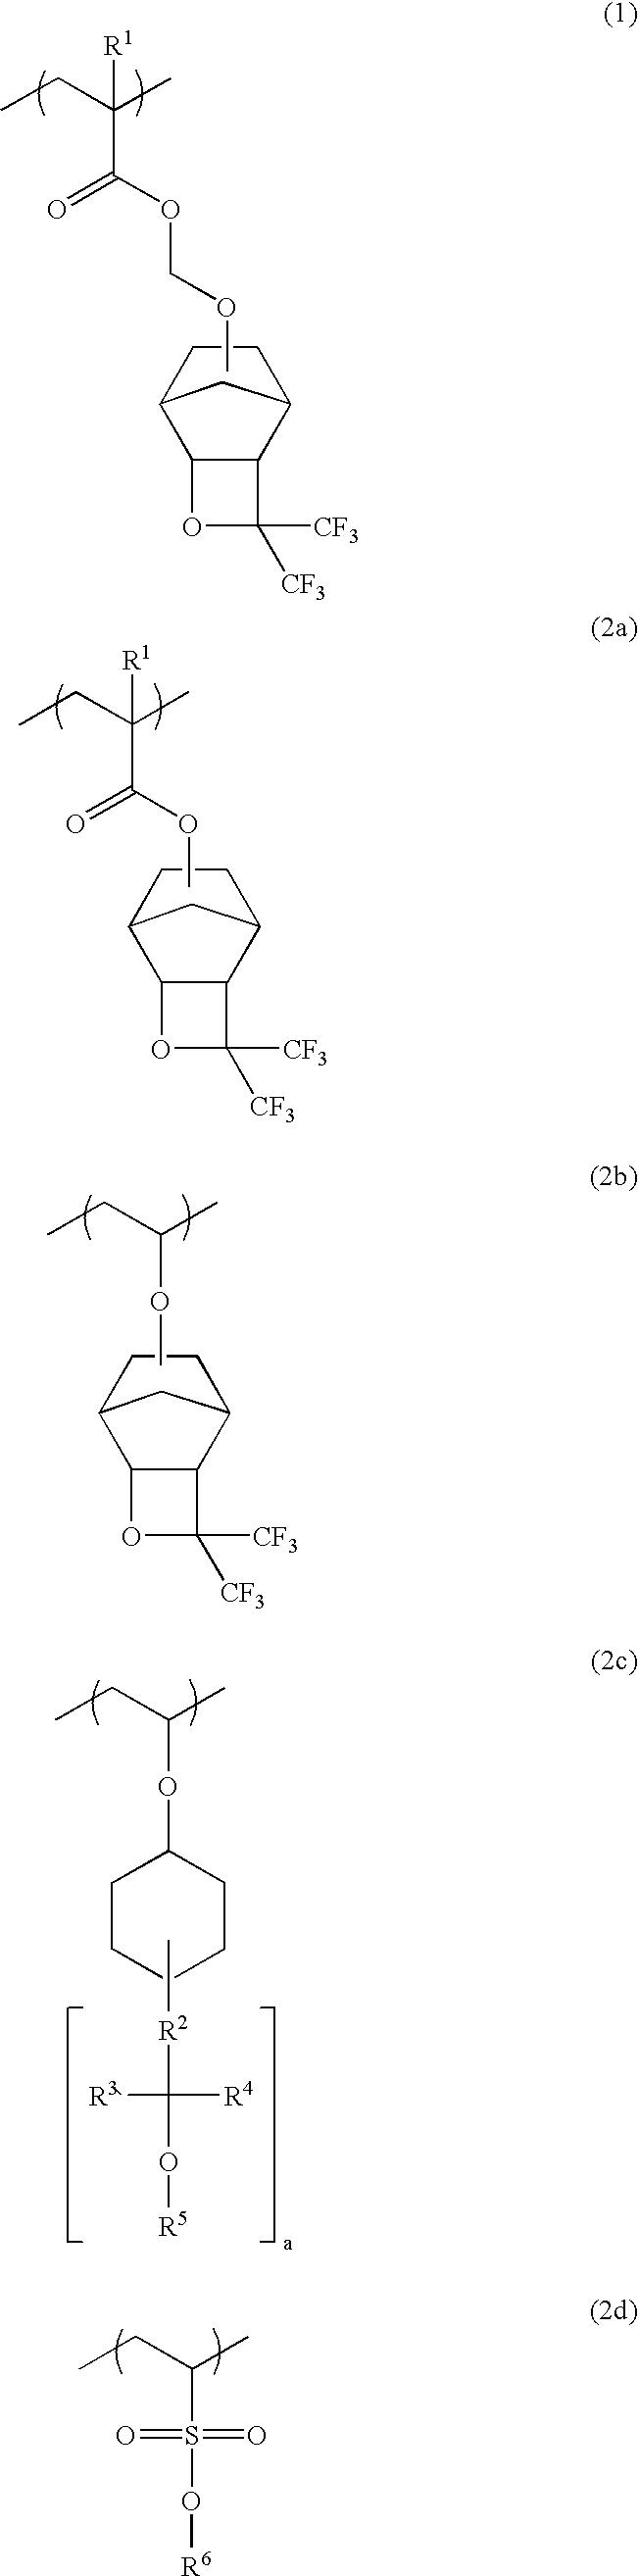 Figure US07125643-20061024-C00033